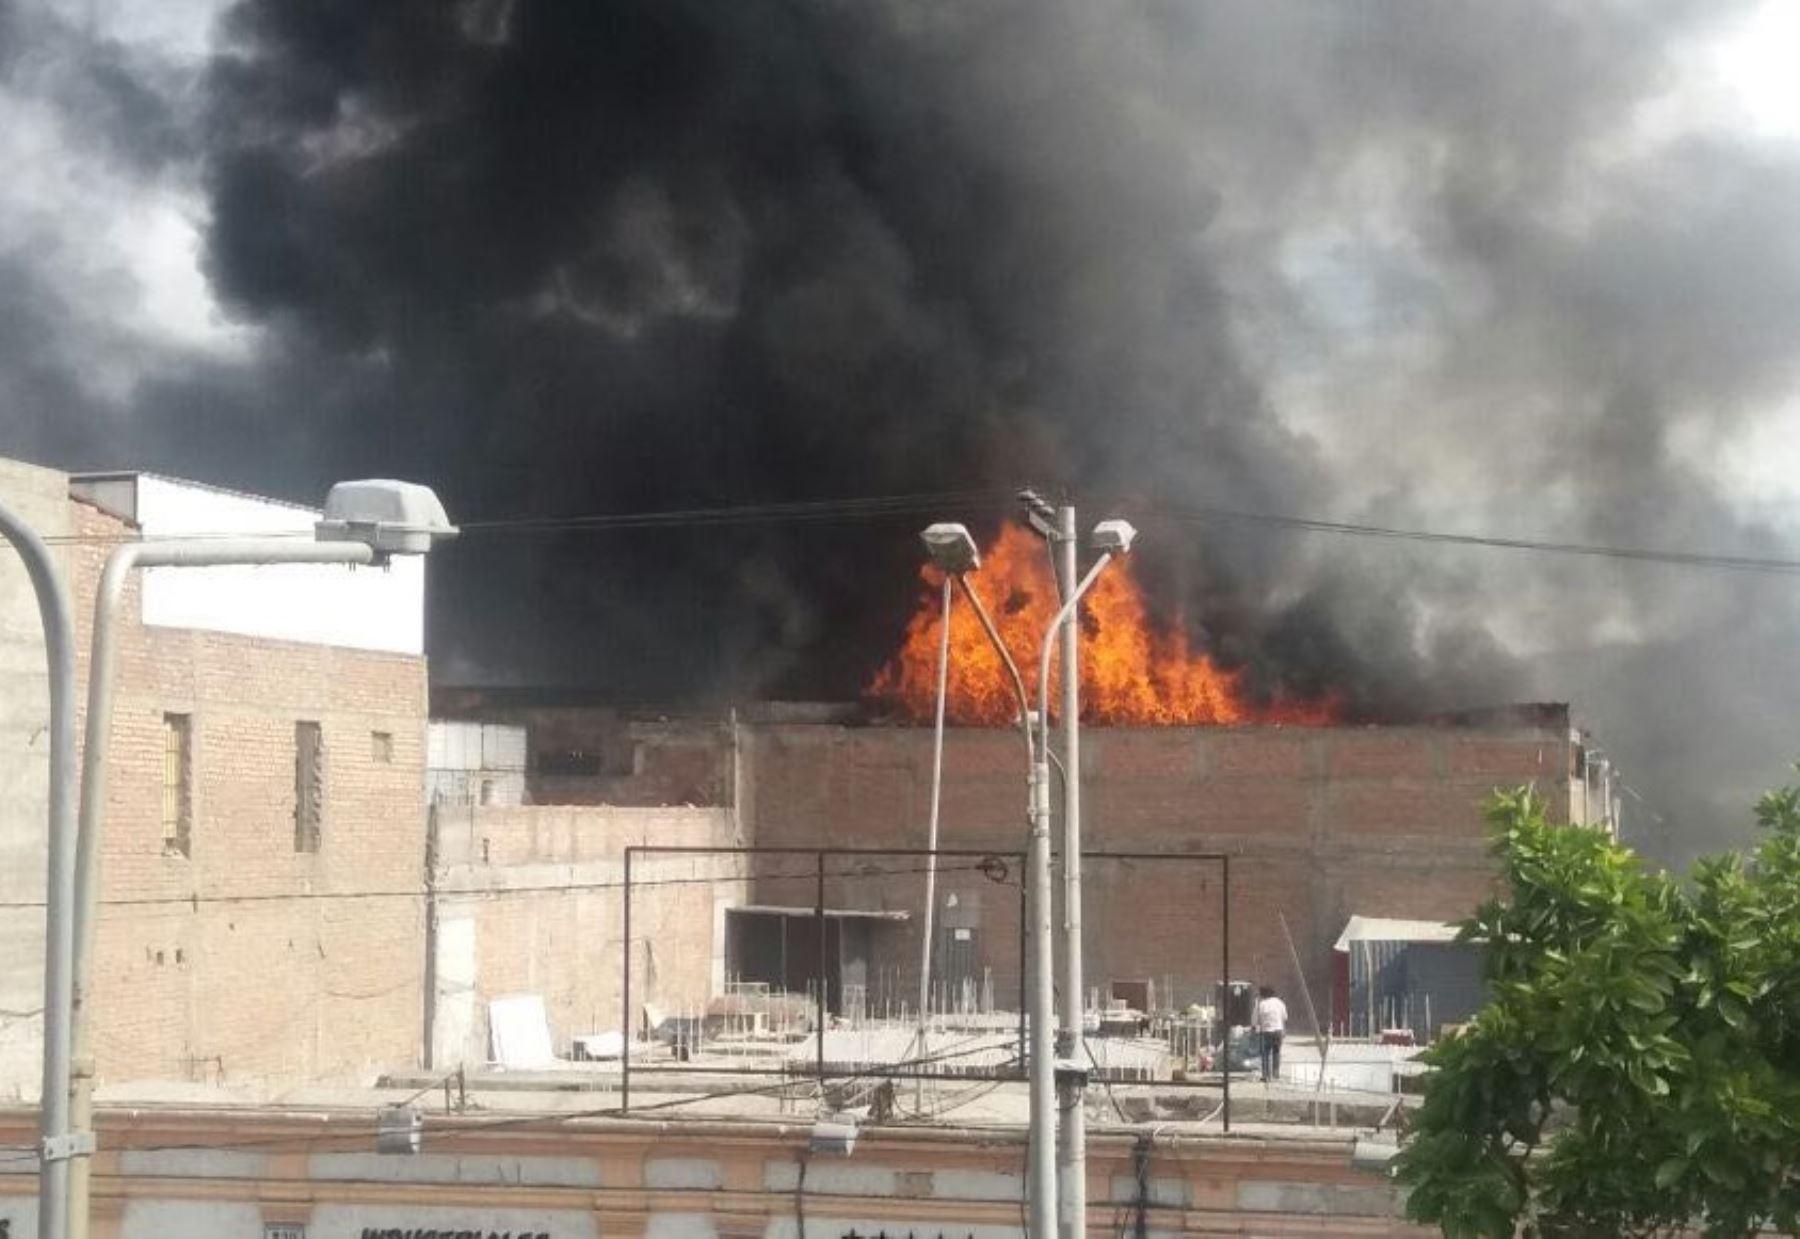 Incendio de grandes proporciones afecta a tres galerías comerciales en Arequipa. ANDINA